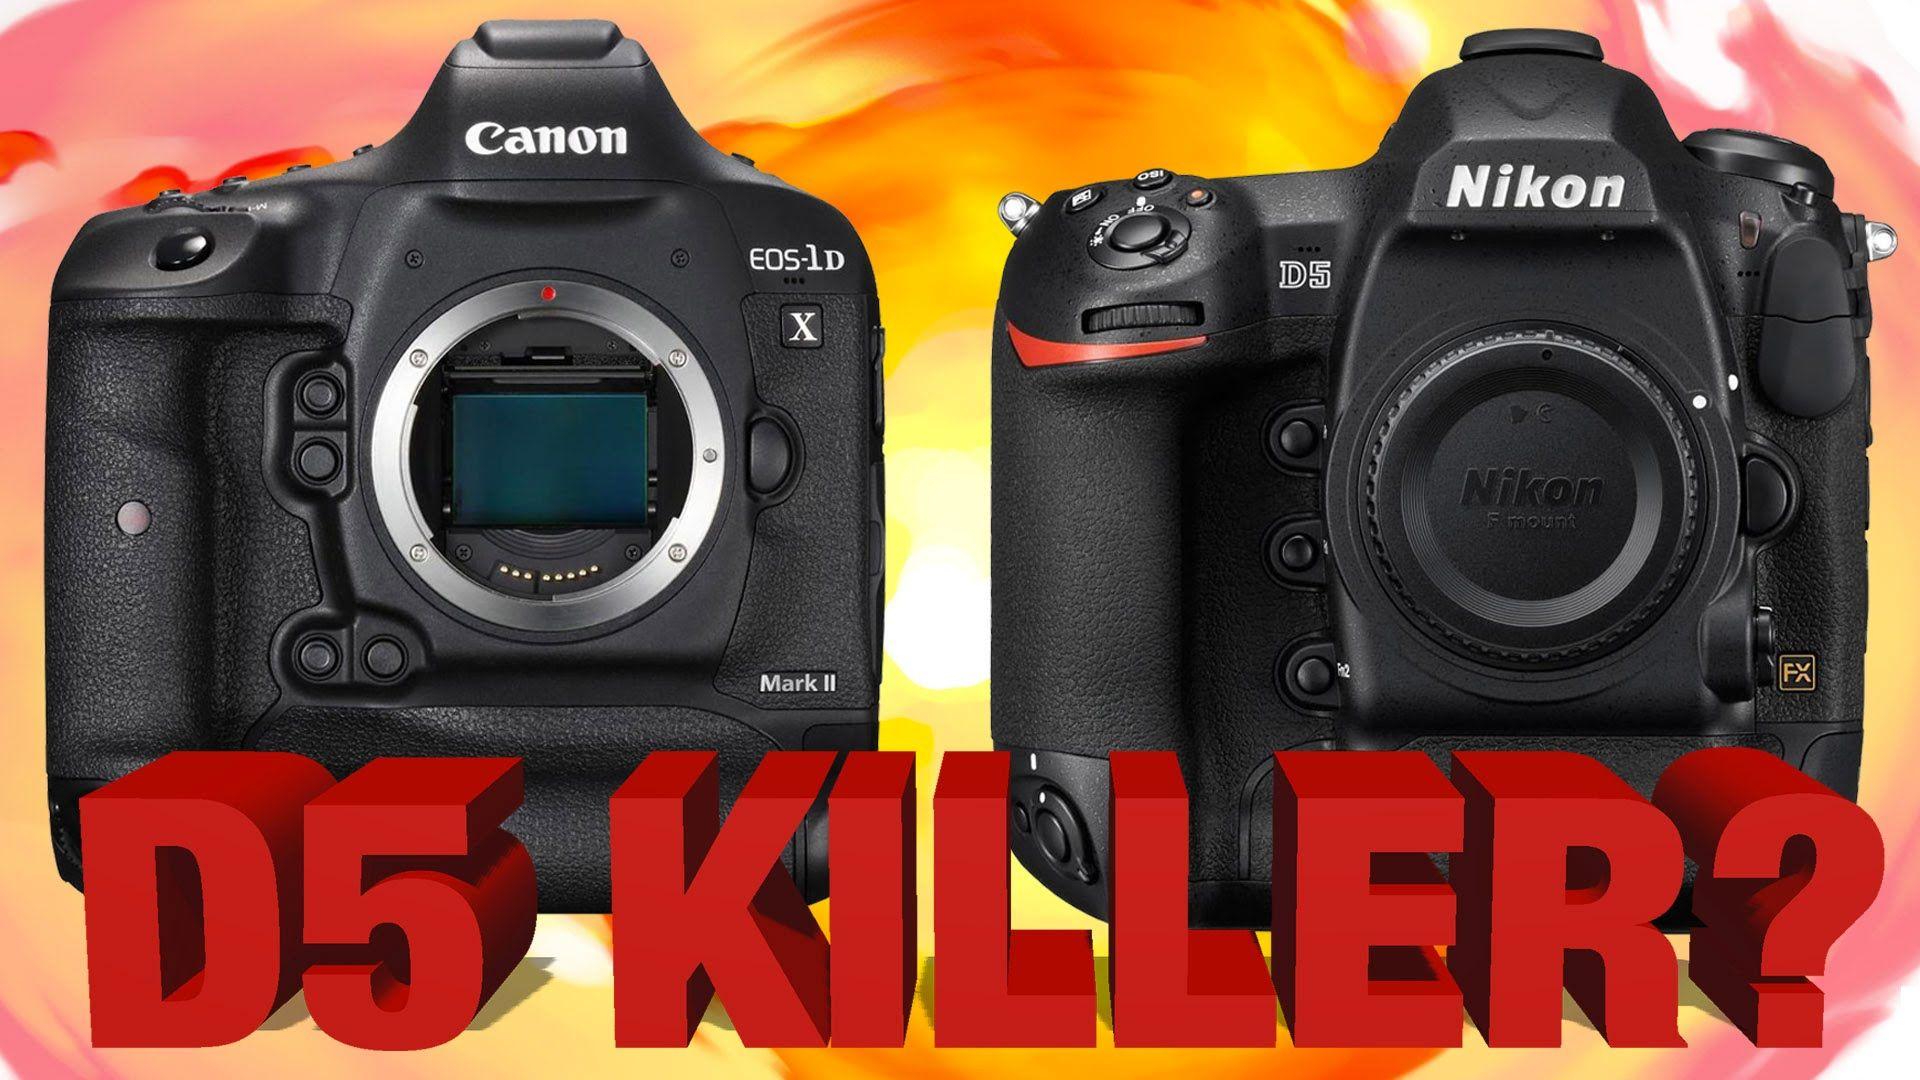 Canon 1dx Mark Ii Vs Nikon D5 Preview Nikon Canon Bh Photo